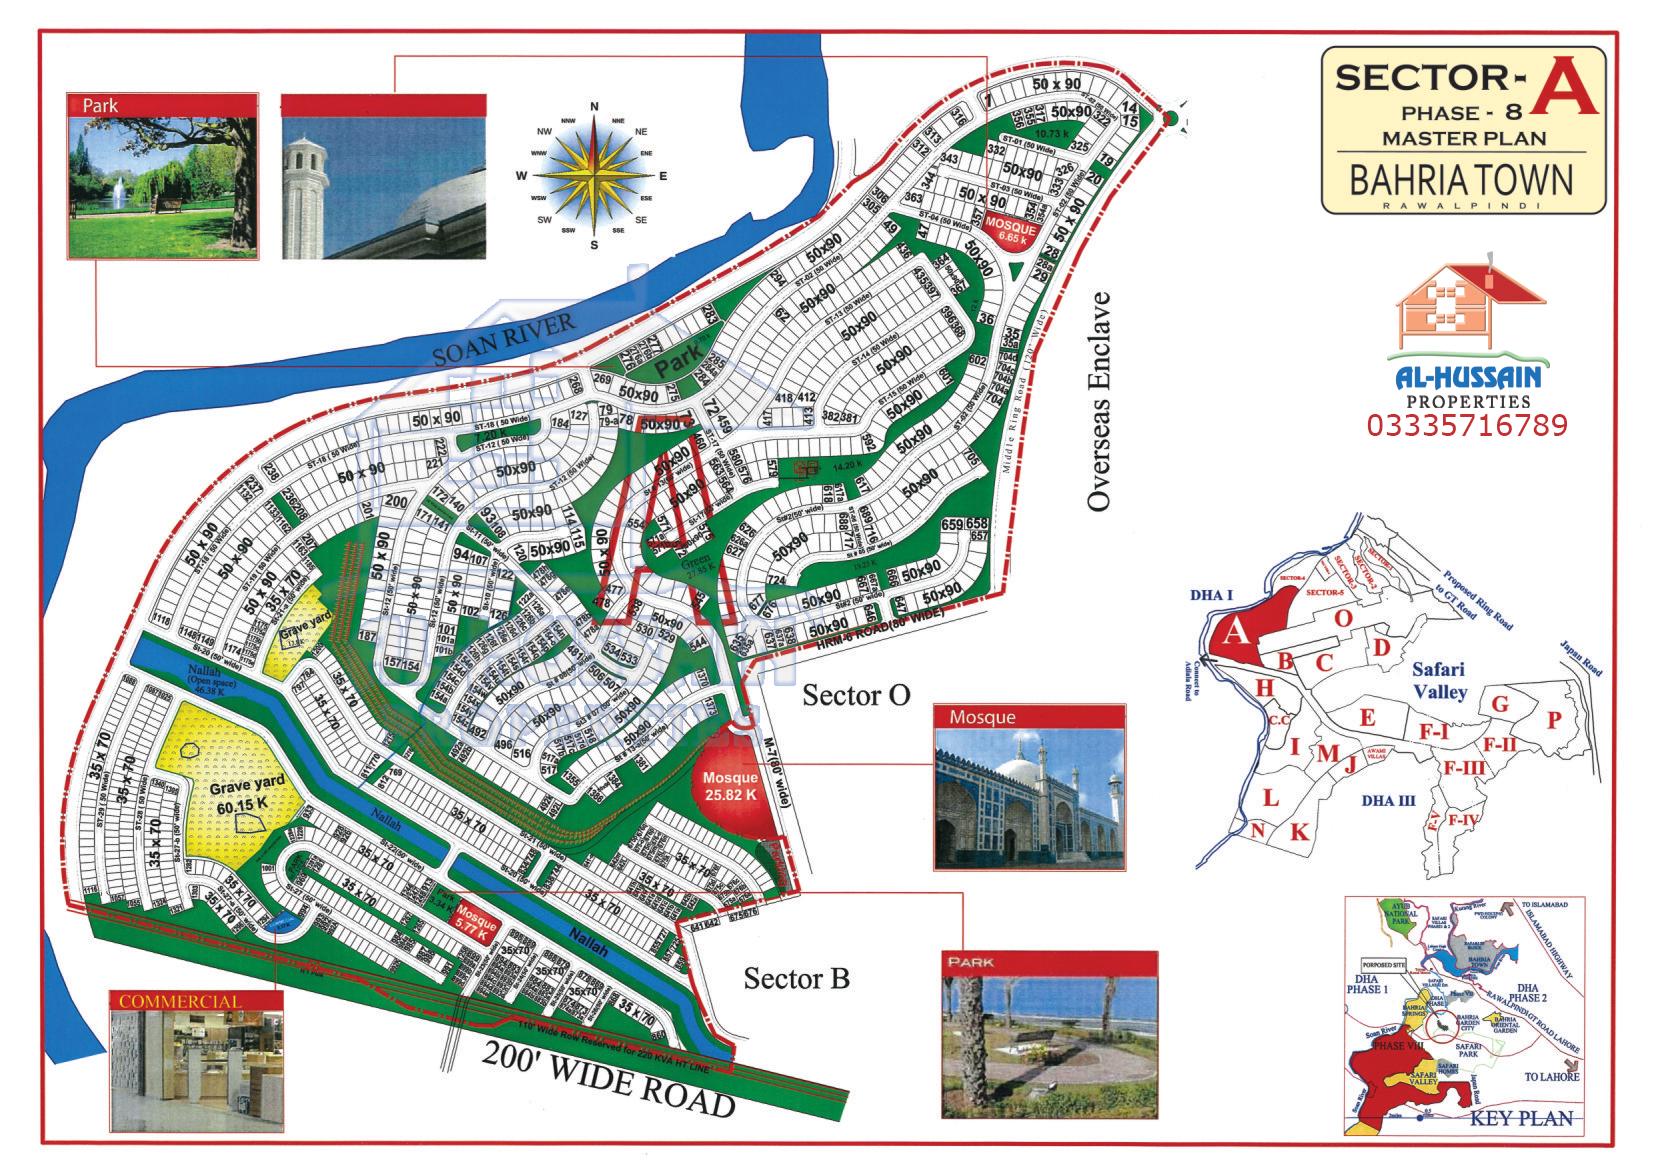 Sector A Phase 8 Master Plan Bahria Town Rawalpindi Islamabad